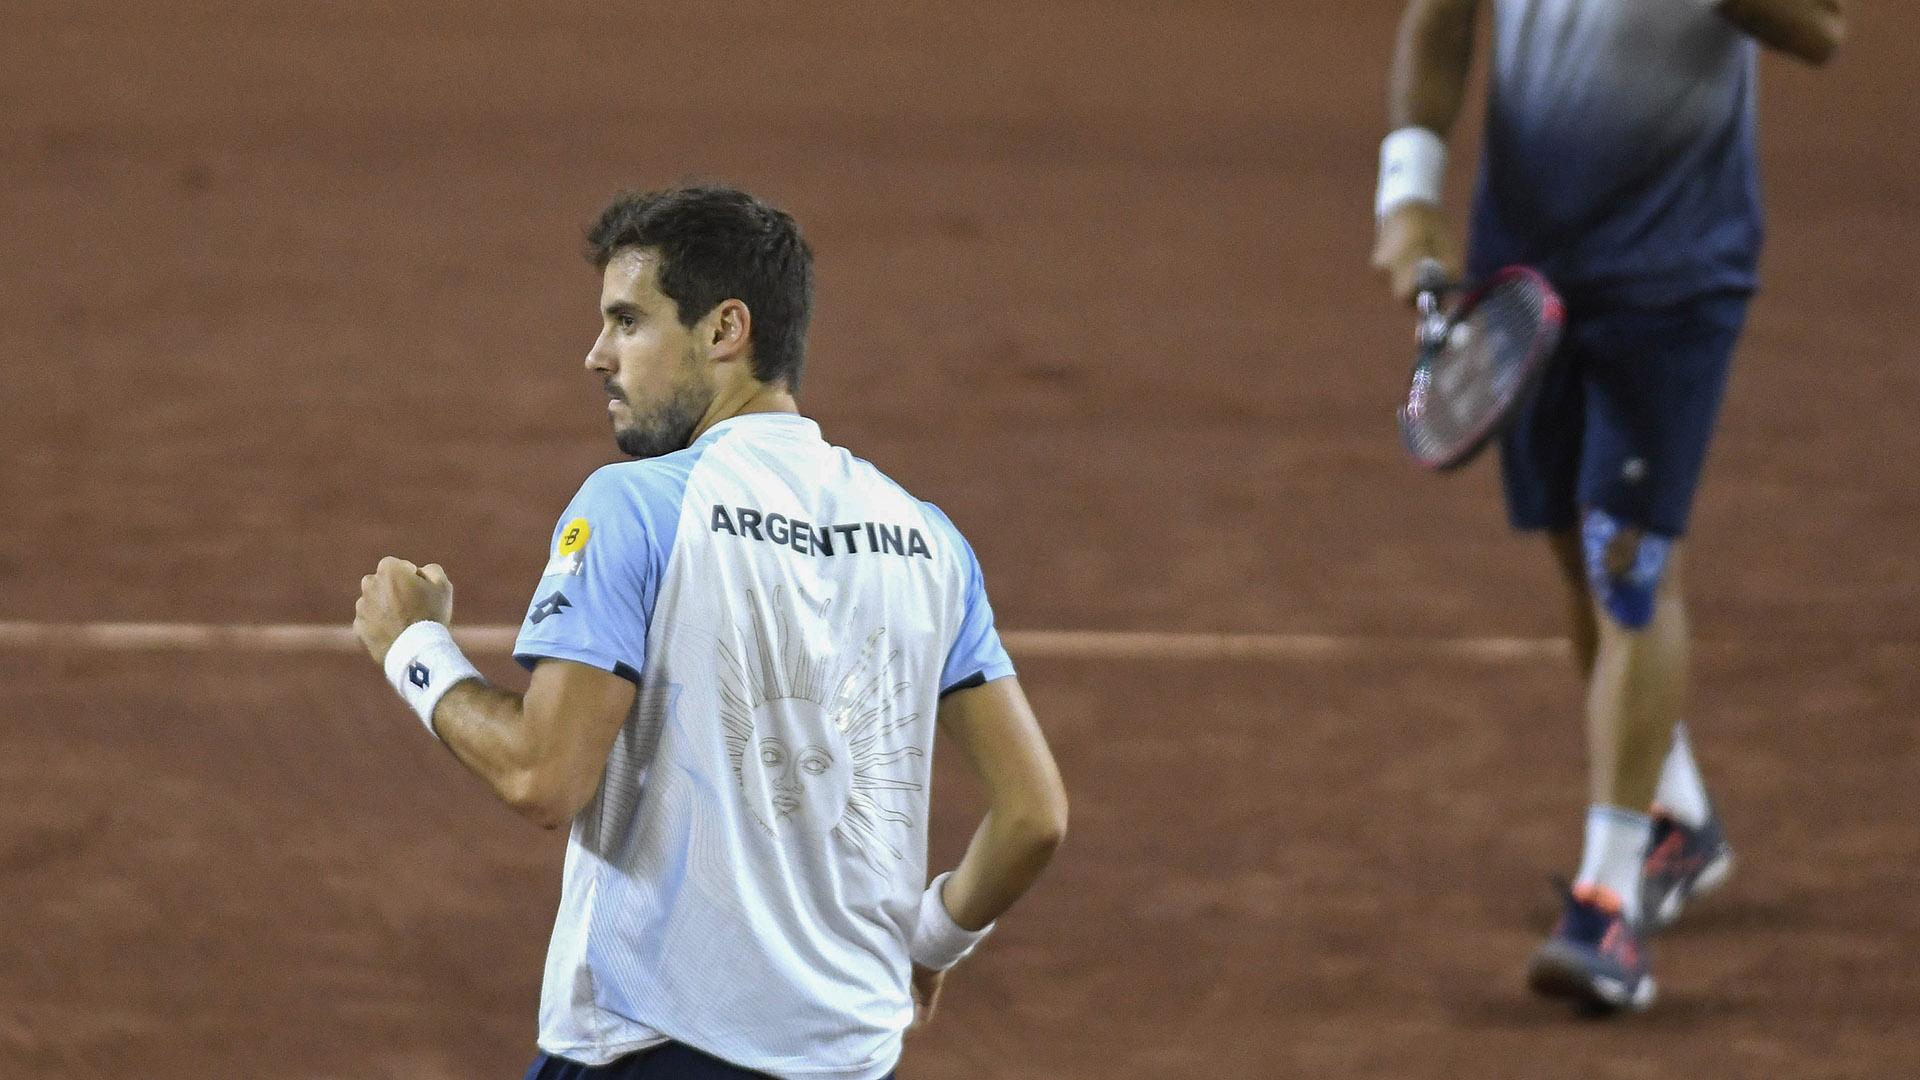 Durán y González, el equipo de dobles de Argentina (Crédito: AFP)